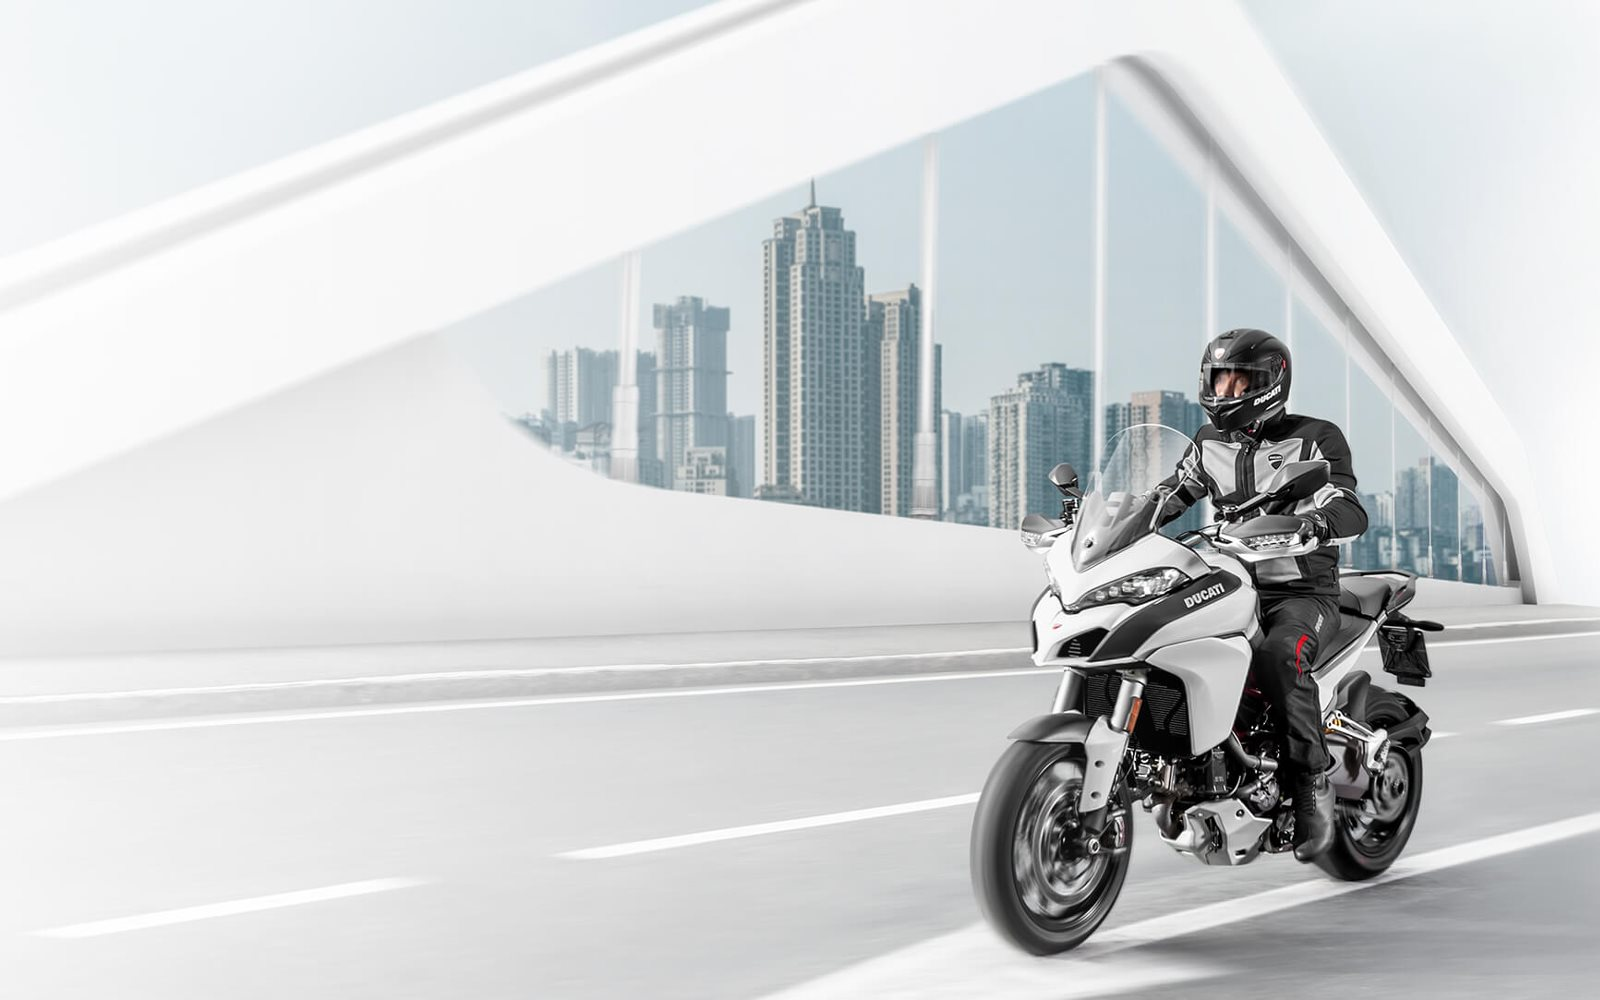 Motocicletas elegidas y certificadas por nuestros expertos técnicos. Asistencia especializada usando recambios originales. Asistencia en carretera por Europa. 24 meses de garantía sin límite de kilometraje. Gracias al programa certificado Ducati Appro ...